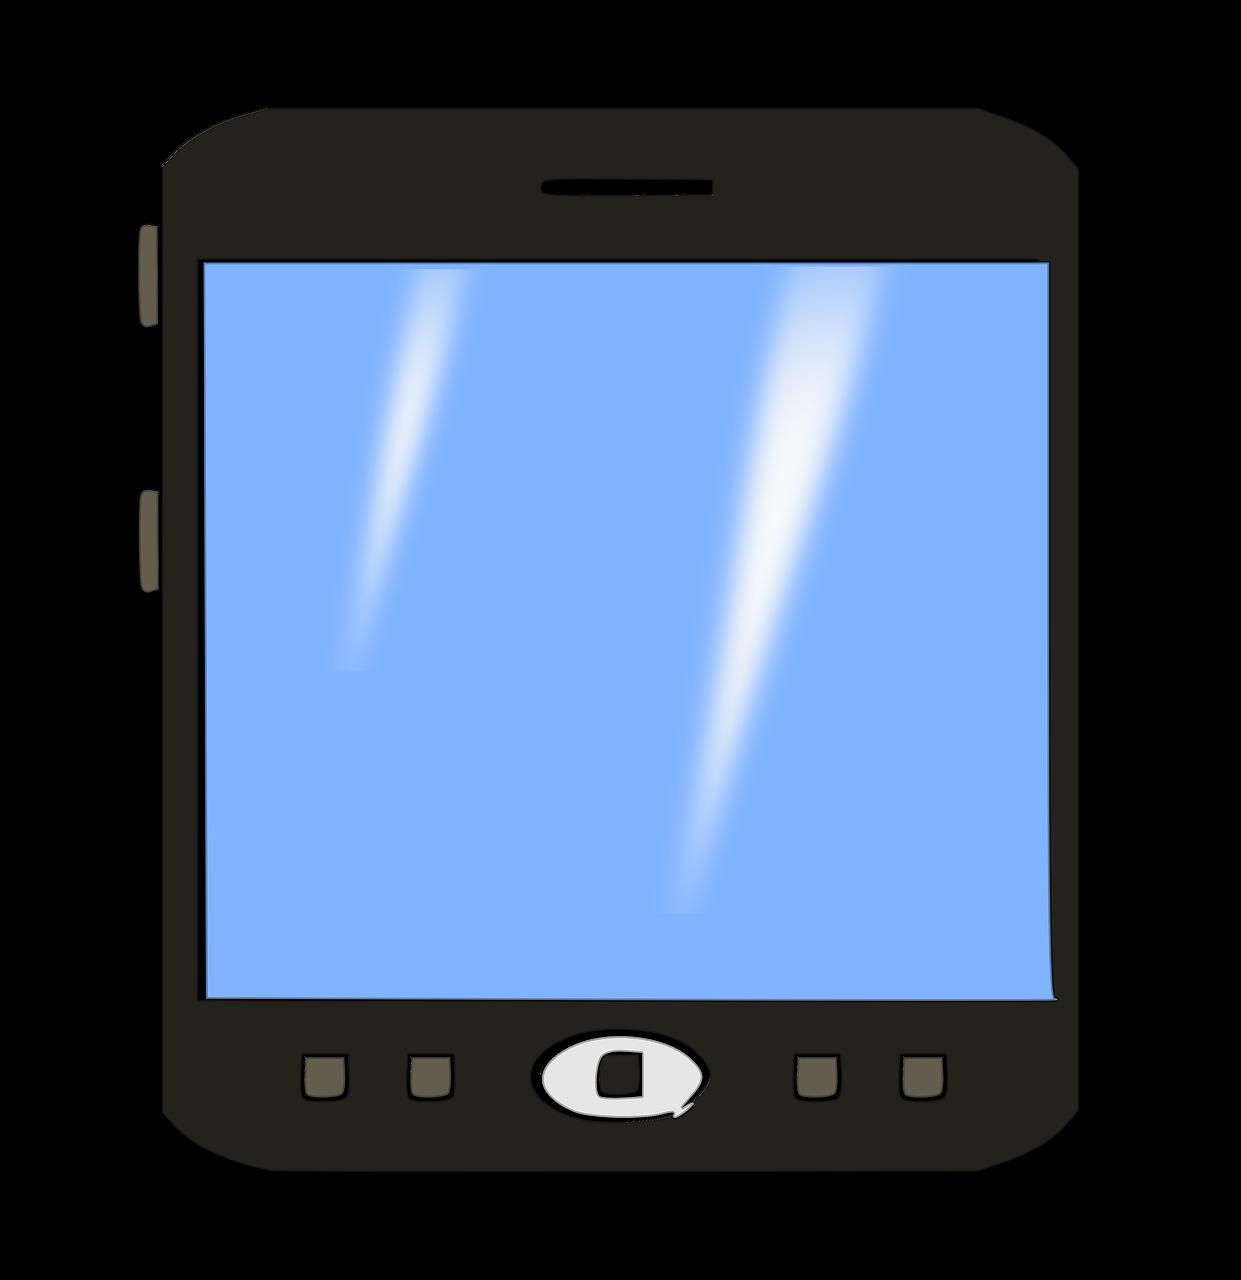 Mobile Per Pc.Tablėtė Telefonas Mobilus Technologija Pc Nemokamos